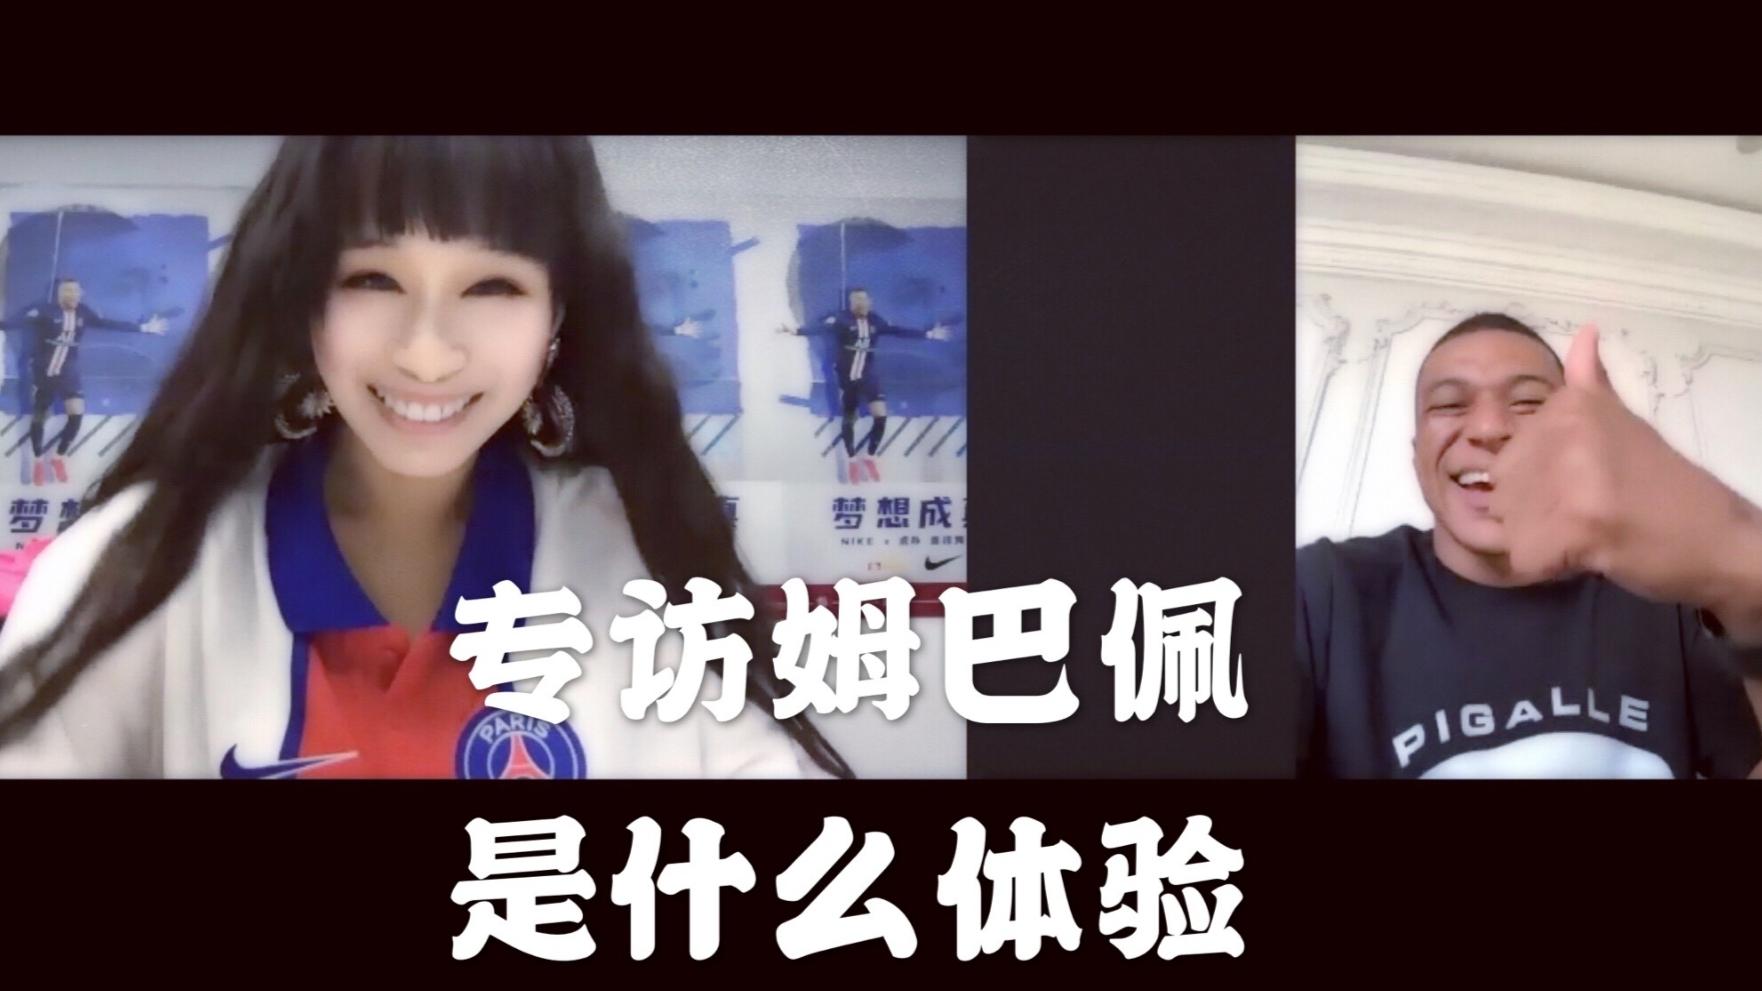 中国女球迷专访姆巴佩是什么体验?他的英语有多好?【超A新生计划】